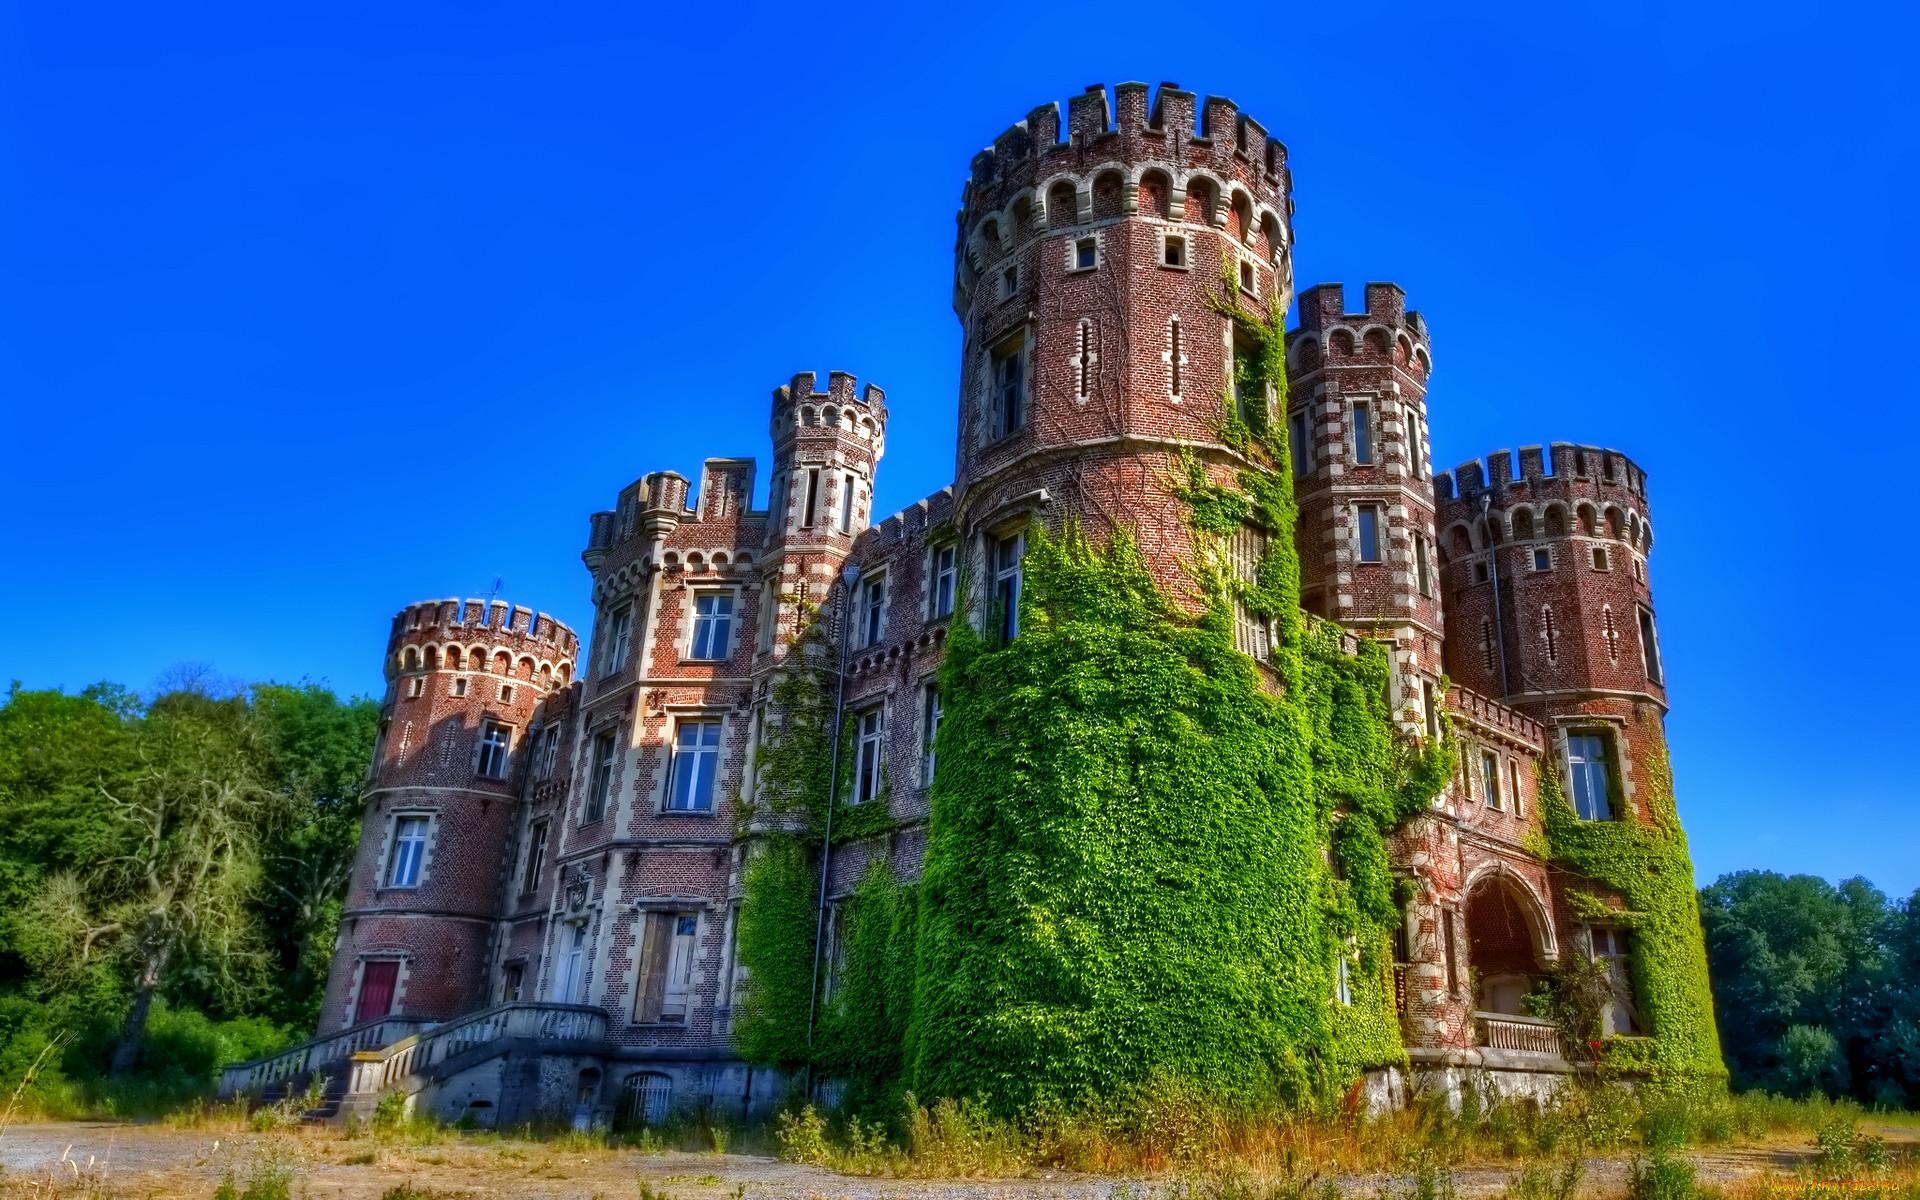 стеллаж фотографии старых замков и башен приколы красивые